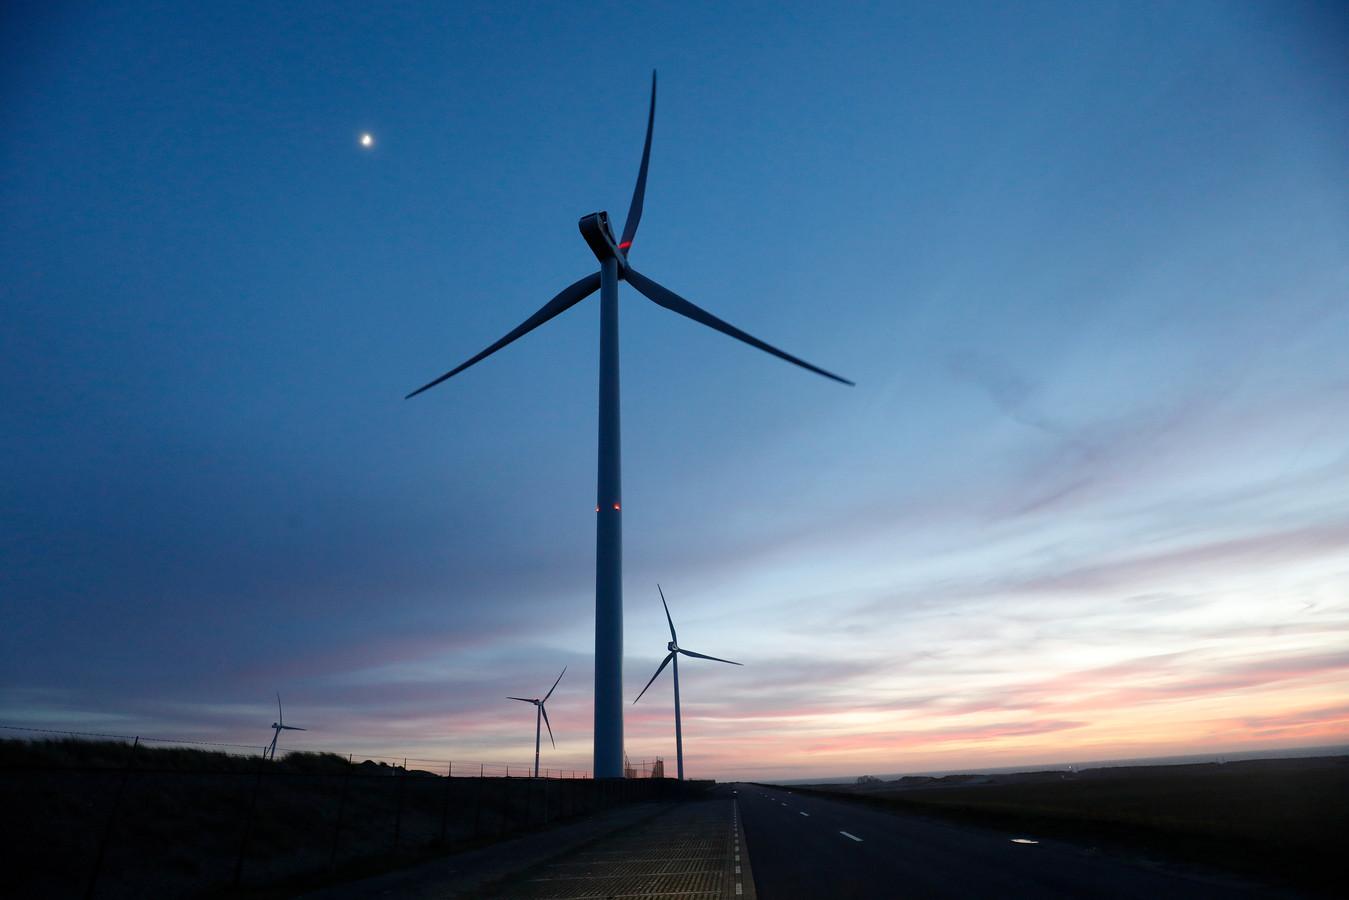 2019-02-12 18:27:09 ROTTERDAM - Windmolens bij windpark Slufterdam. De oude windmolens zijn vervangen door veertien moderne, efficientere windmolens die genoeg stroom opwekken om jaarlijks circa 50.000 huishoudens van duurzame energie te voorzien. ANP BAS CZERWINSKI